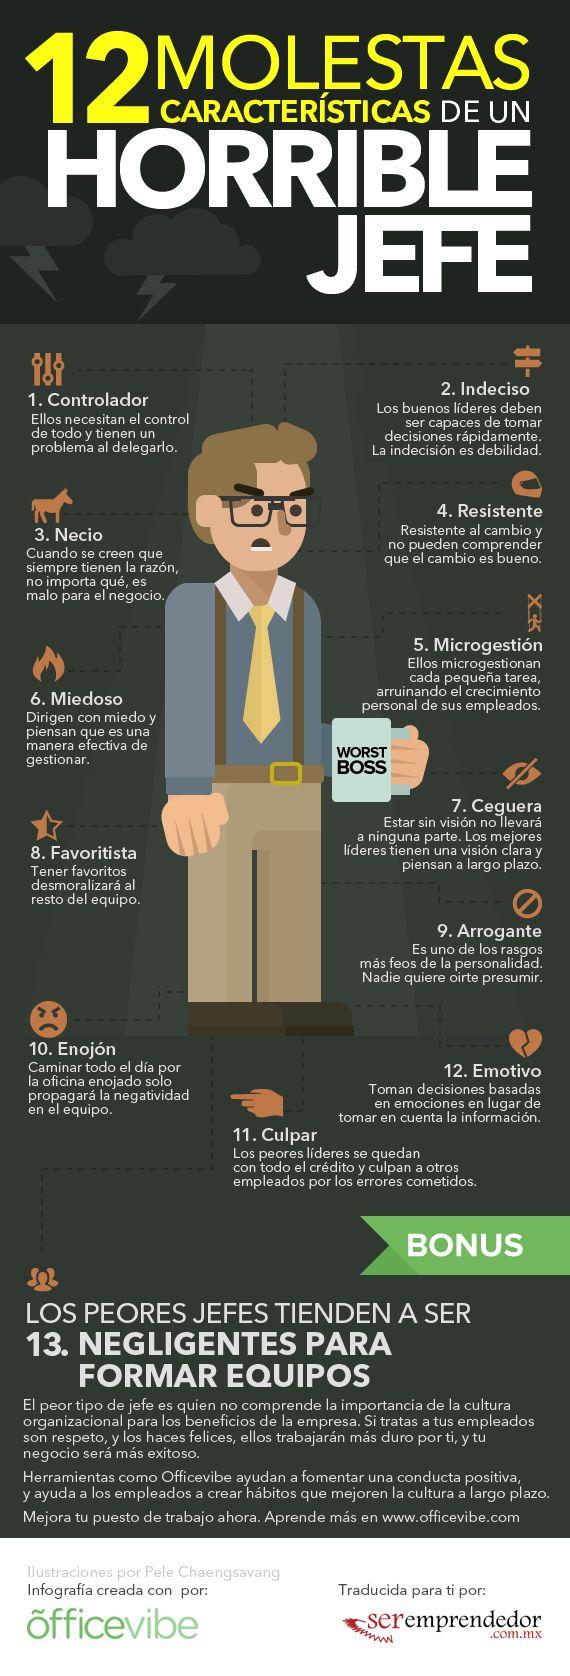 12 cosas que deberías dejar de hacer